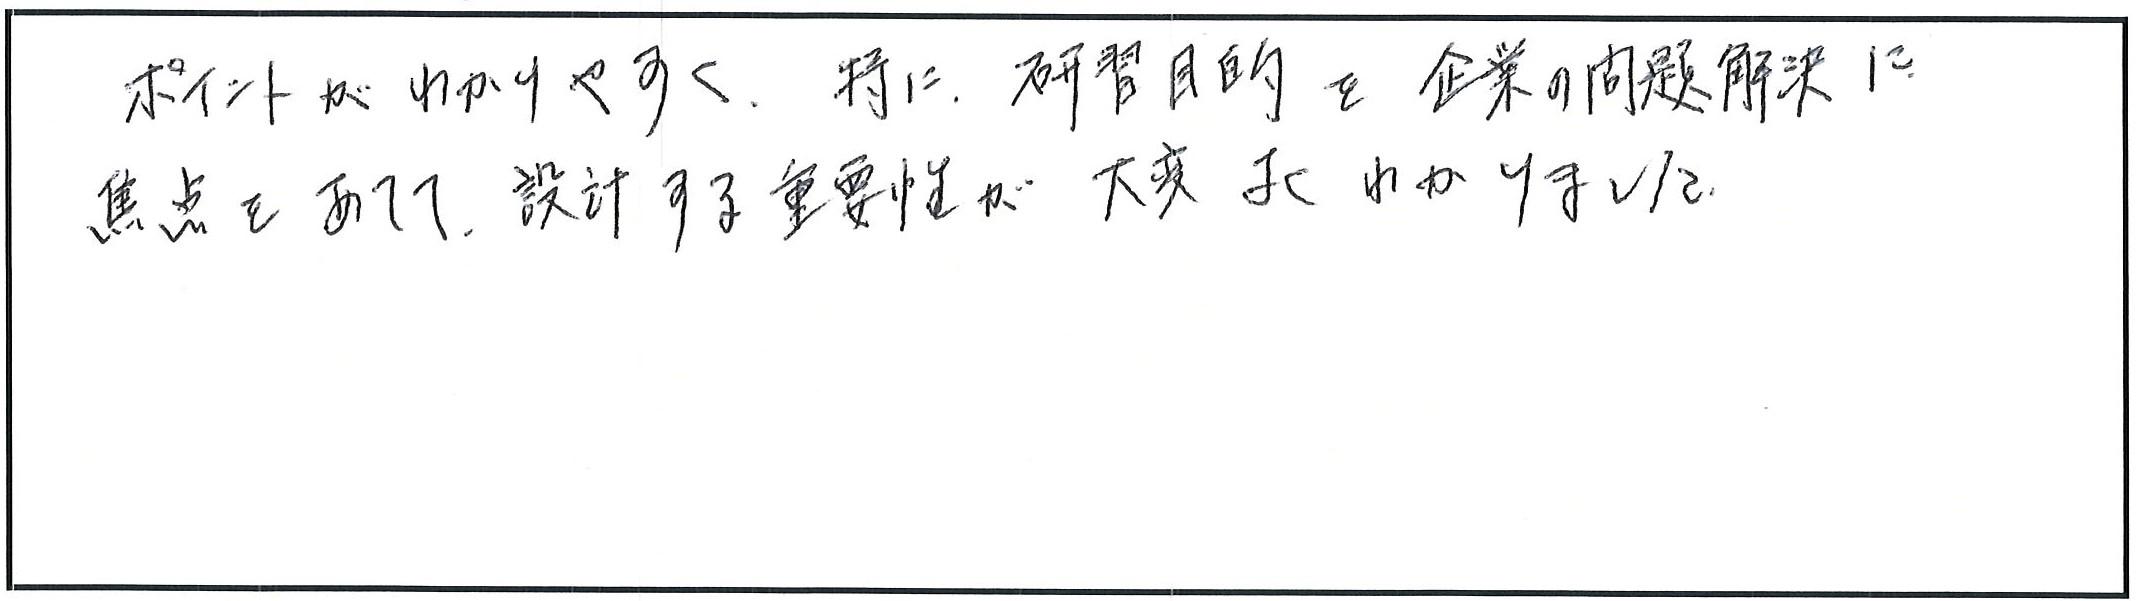 イニシャルM.O小口 (2)